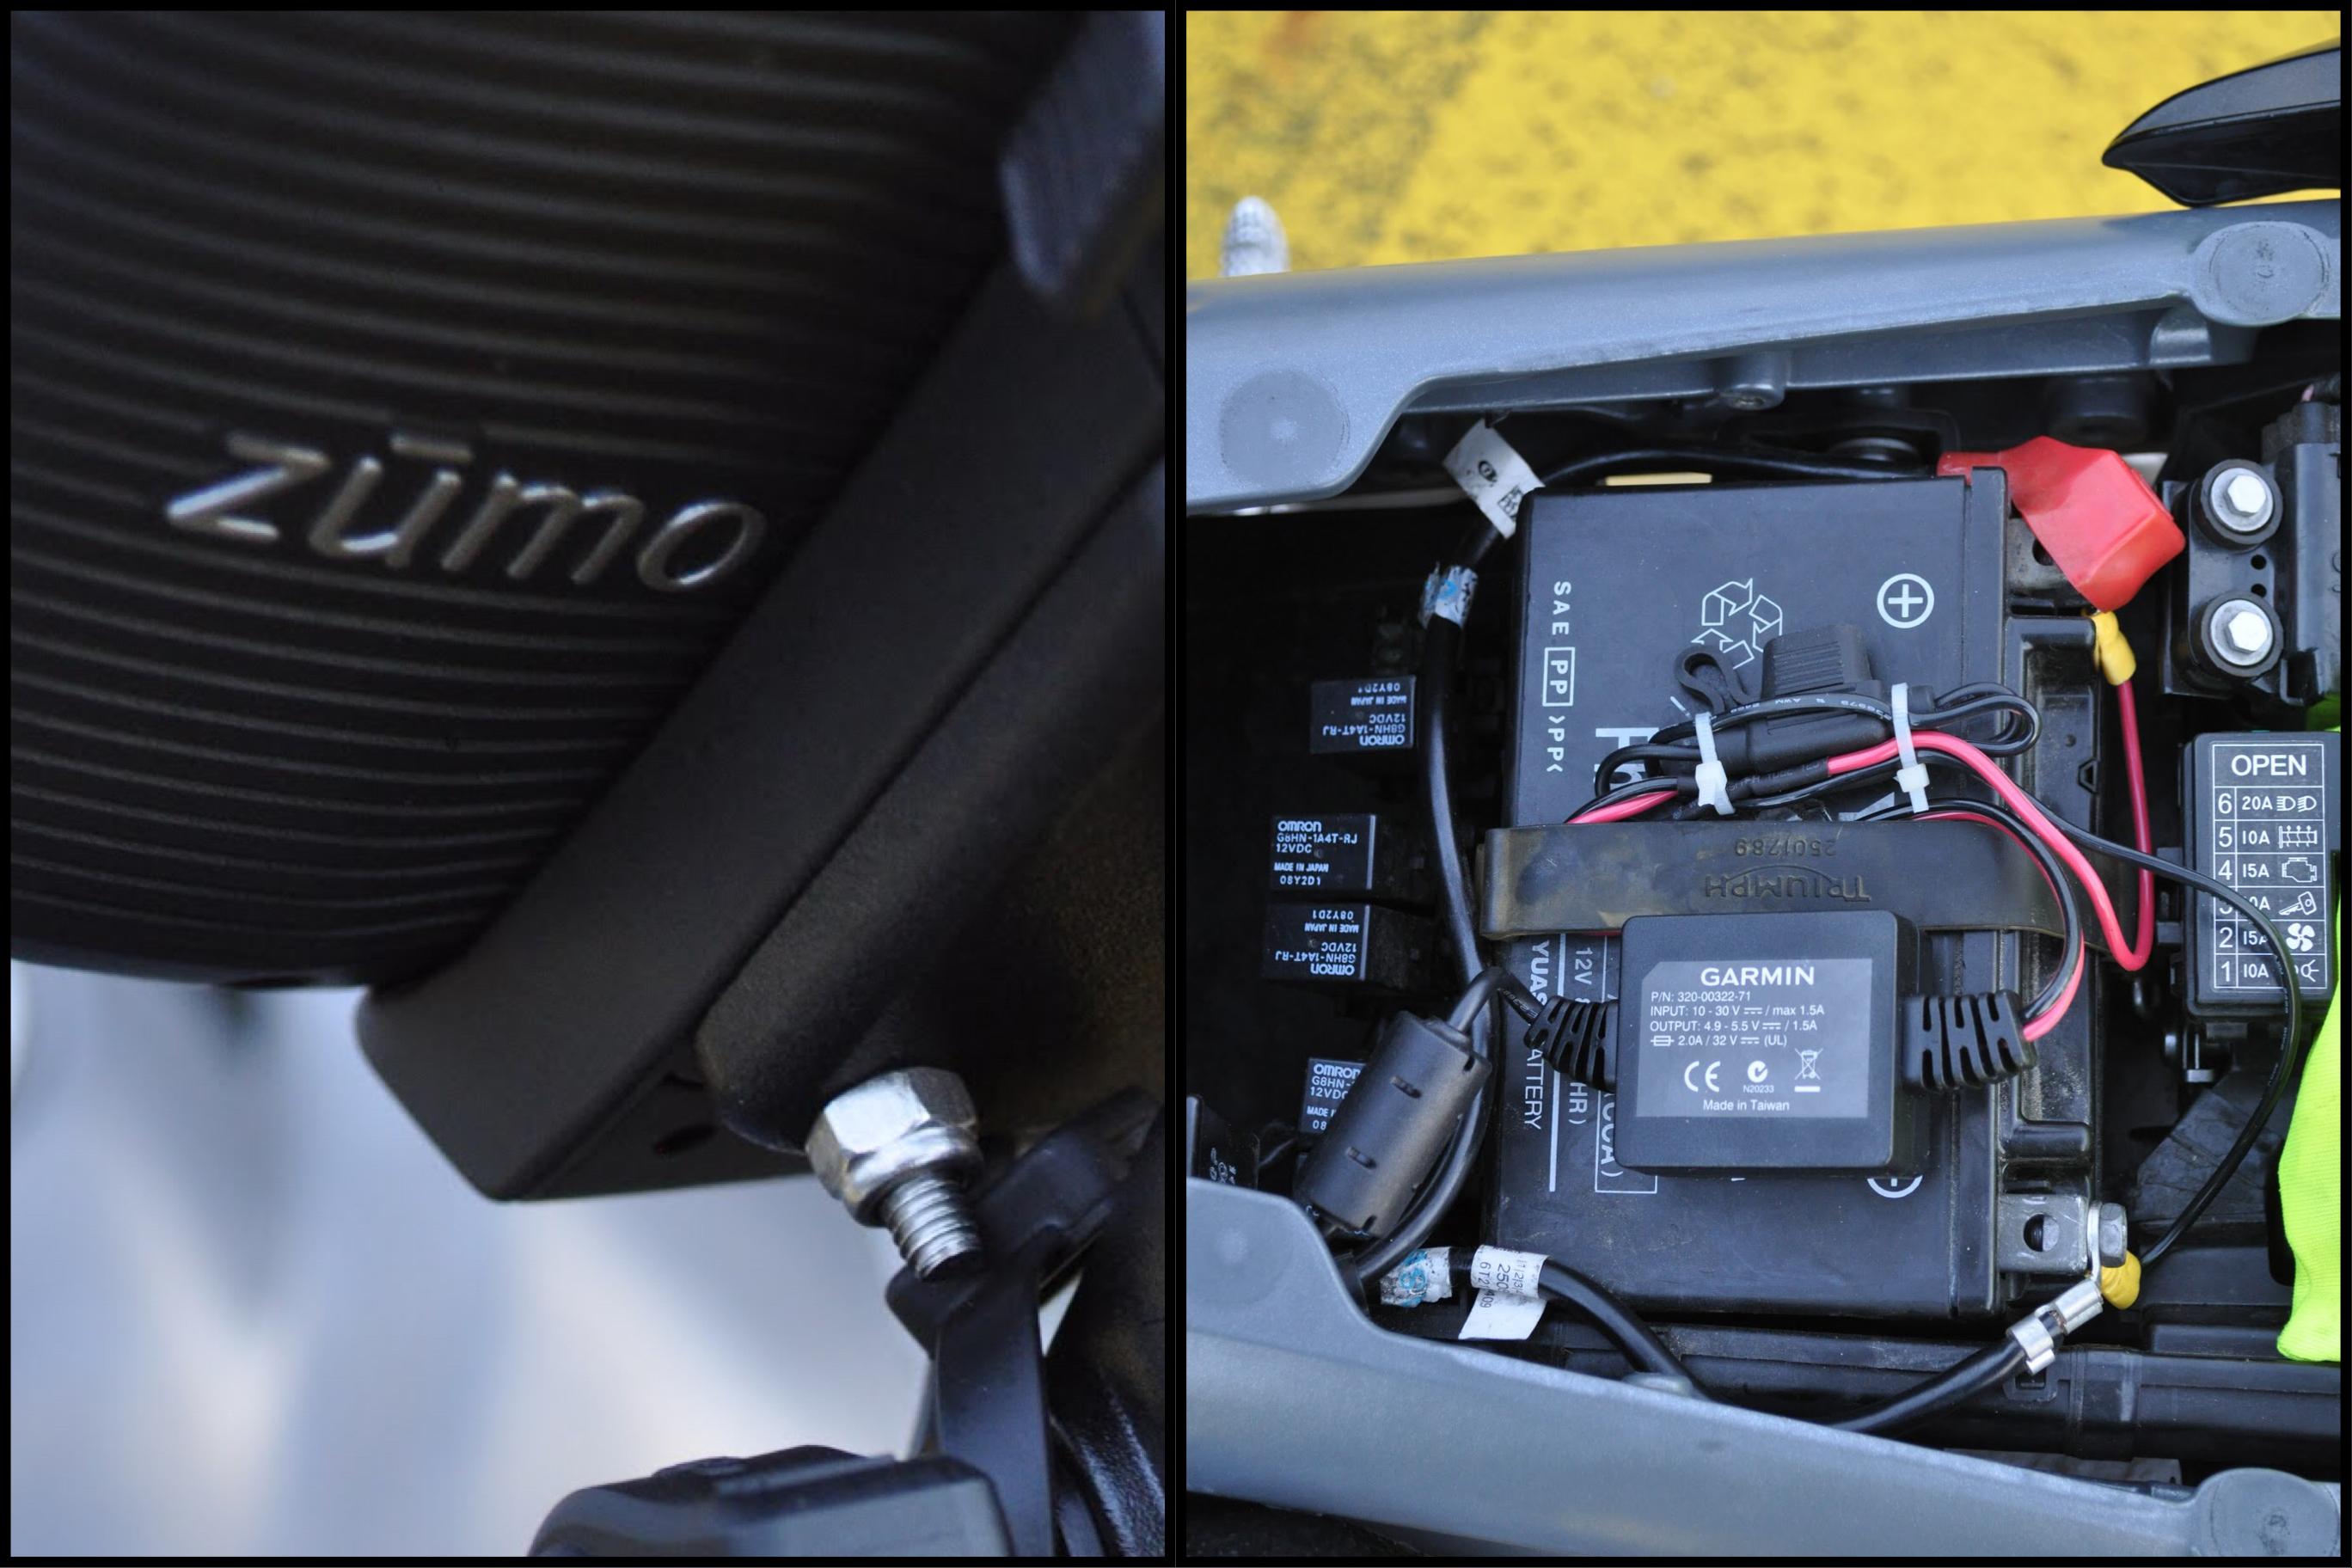 Detalle de la garra y la caja eléctrica de meter durante el montaje